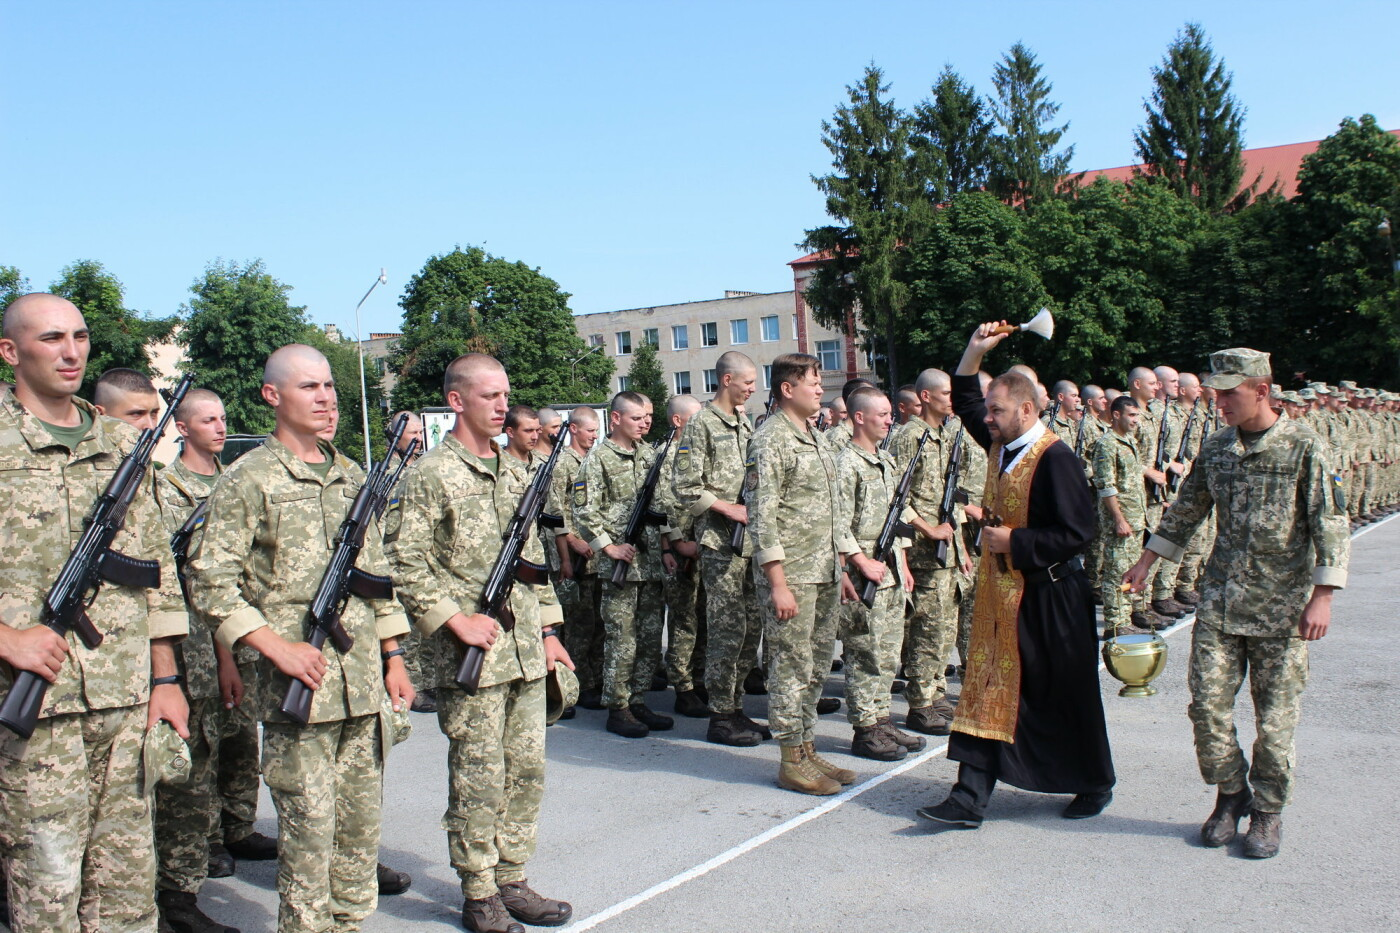 У Кам'янці 240 військовослужбовців склали присягу, фото-10, Фото: Olha Povorozniuk